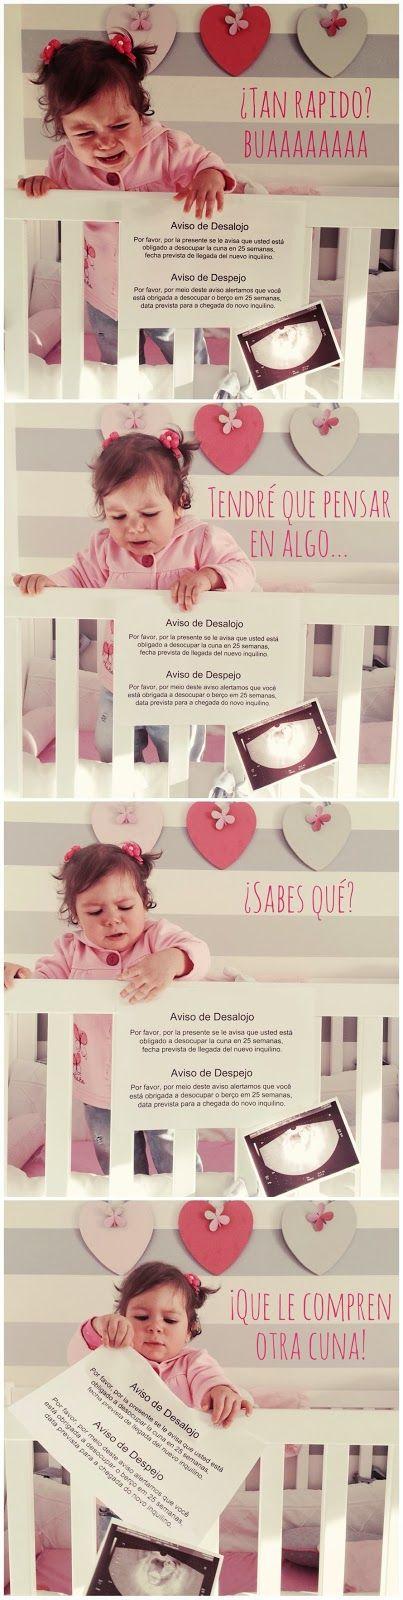 MamyPops: Notición: segundo bebé de camino/ Atenção, Atenção... pregnancy announcement second baby announcement / Segunda gravidez / Segundo embarazo